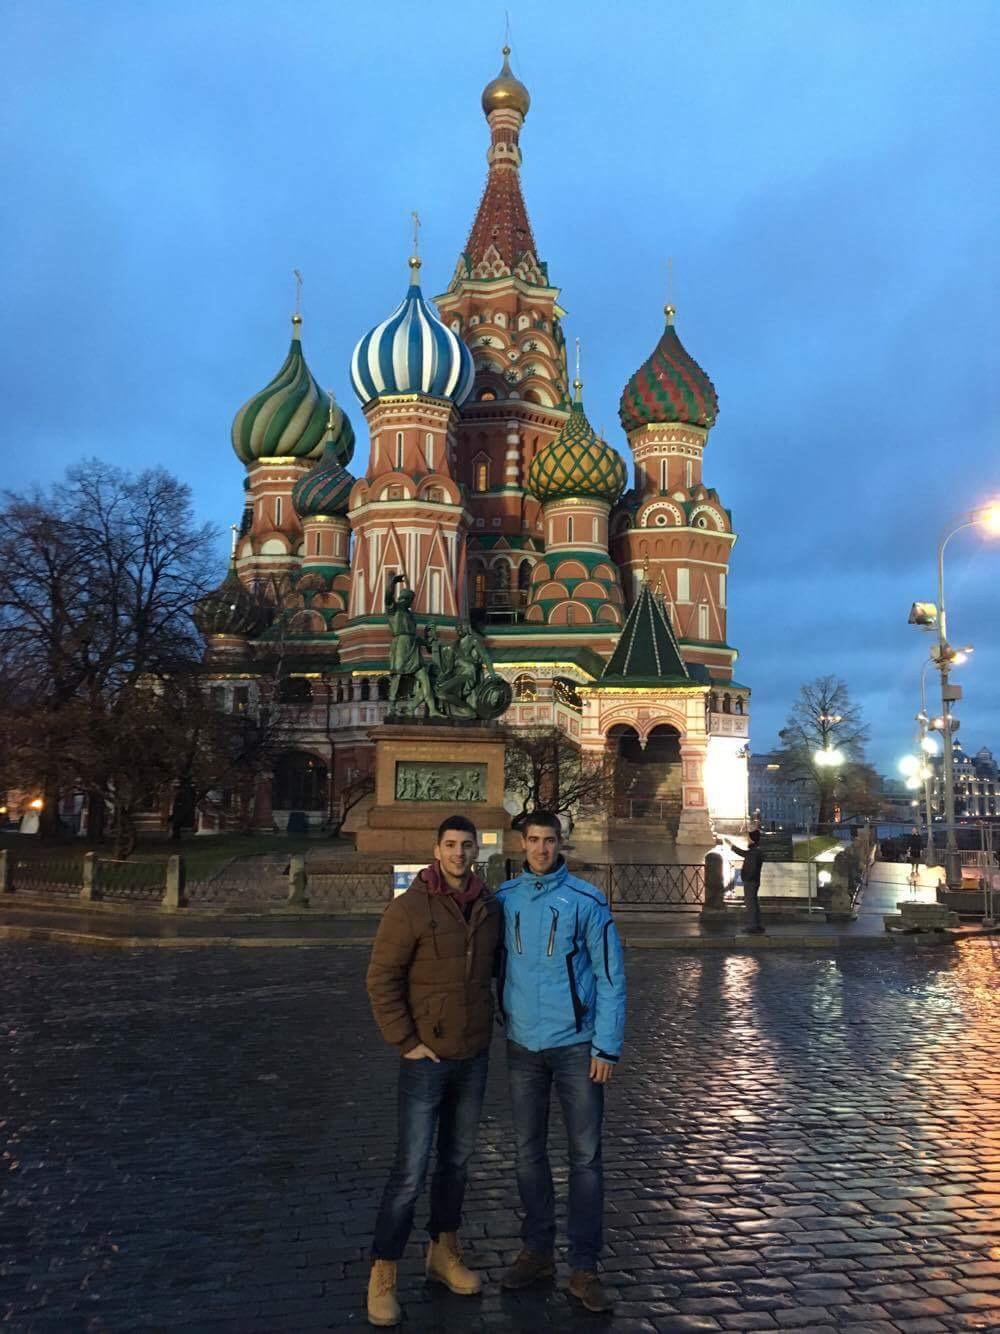 Izgradnju crkve je naručio car Ivan IV Grozni i bila je građena između 1555. i 1561. godine kao sećanje na osvajanje Kazanskog kanata.